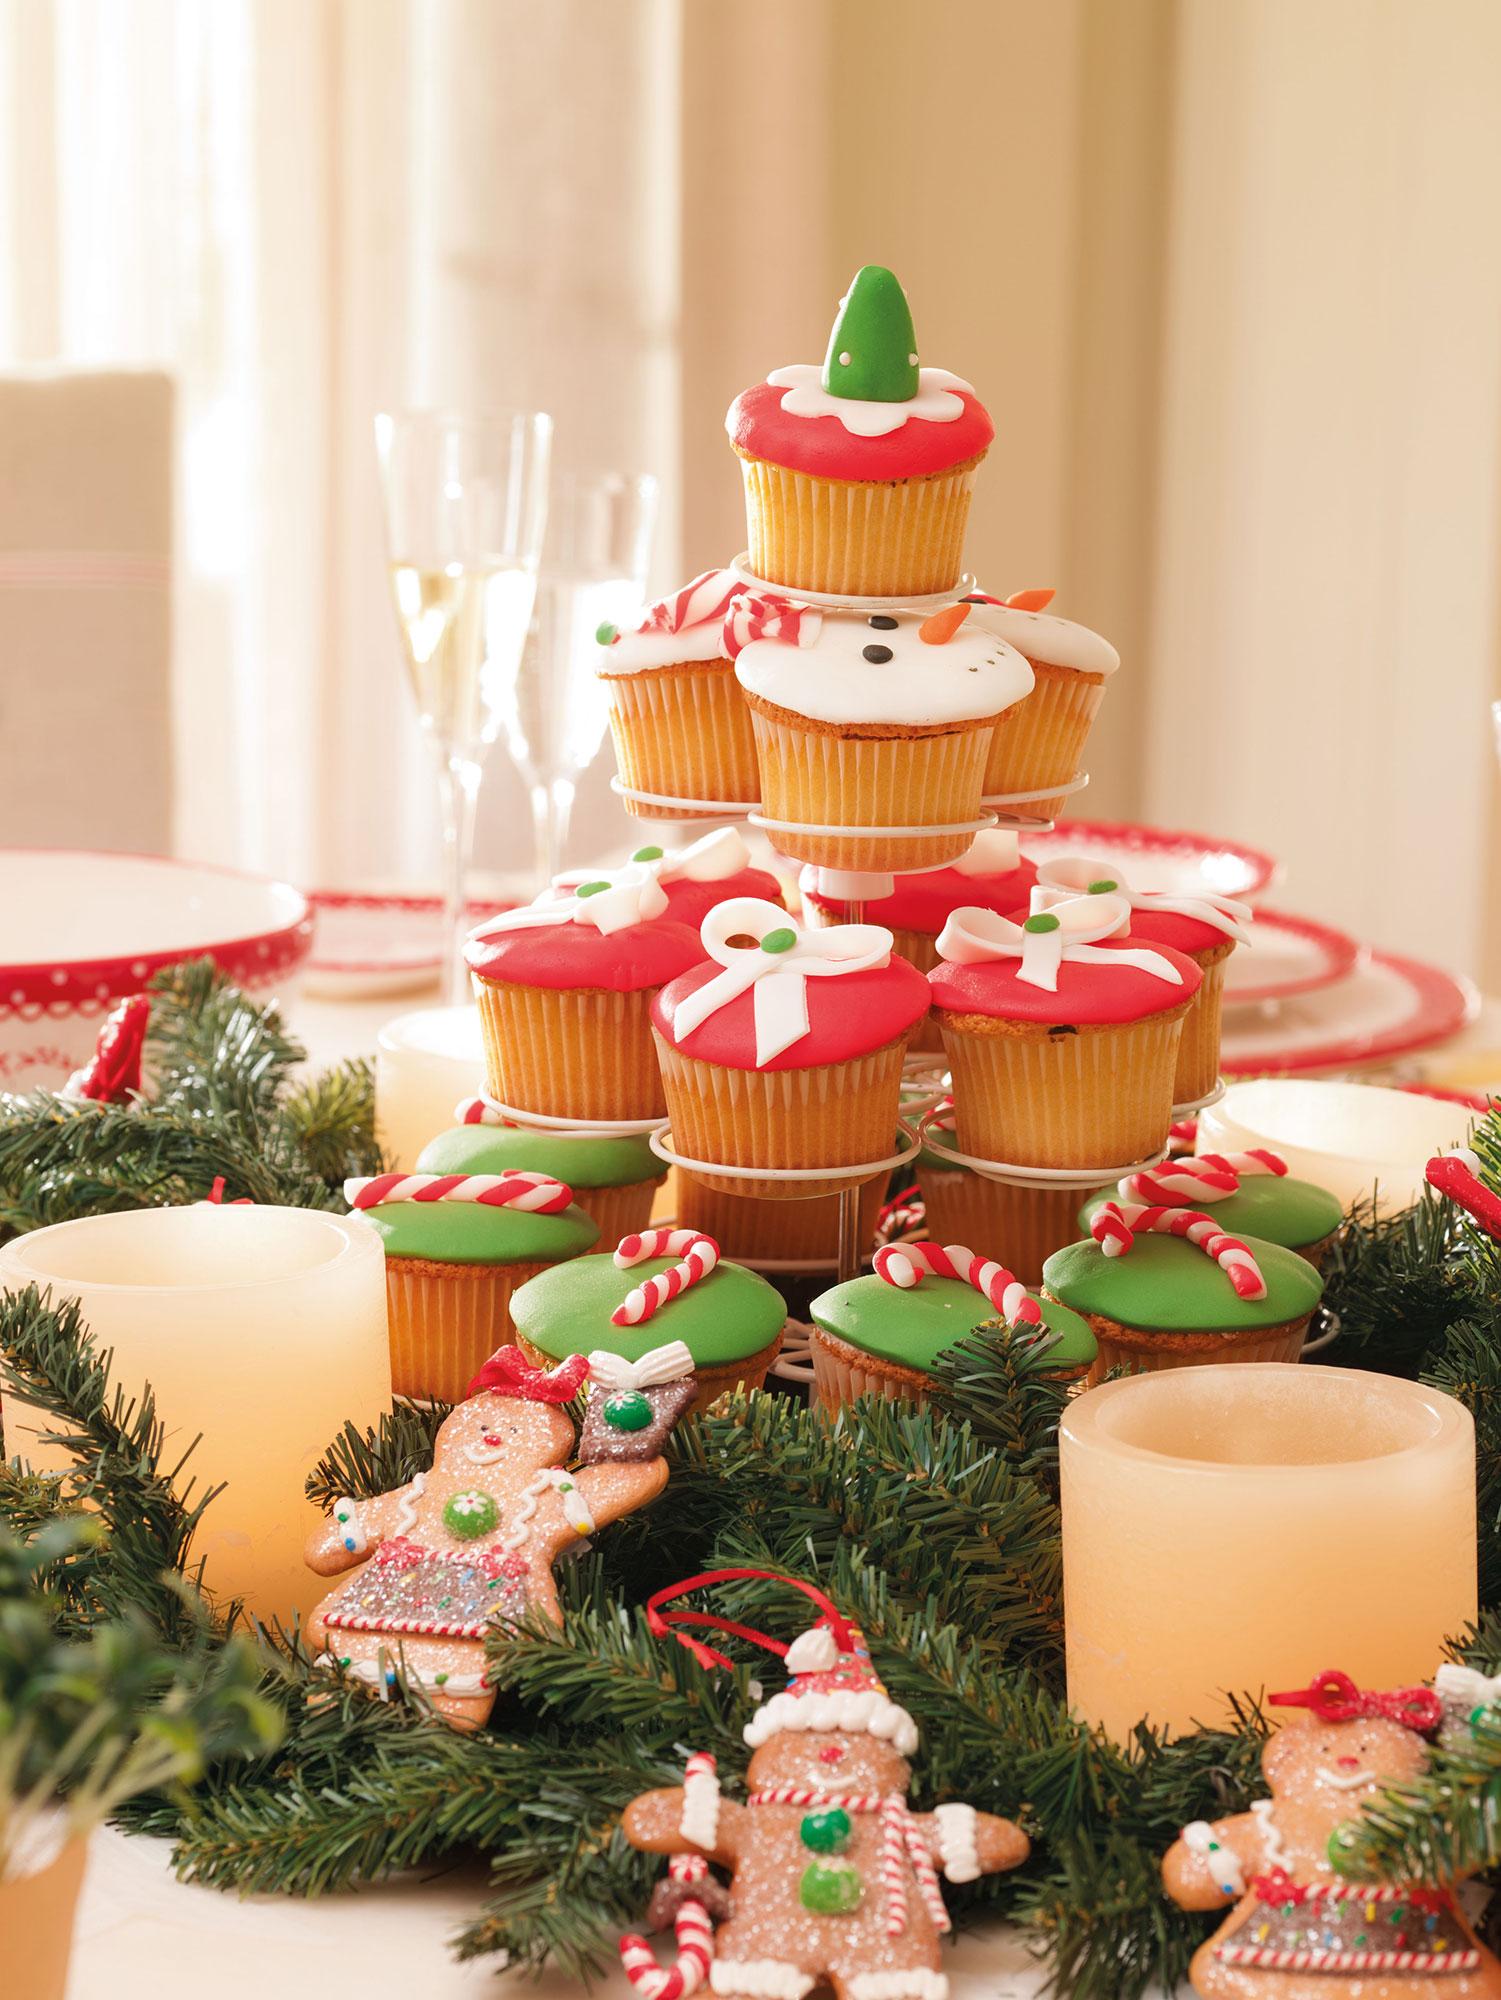 Imagenes De Motivos Navidenos Para Pintar En Tela.Decoracion De Navidad En Rojo Y Verde 15 Ideas Para Decorar